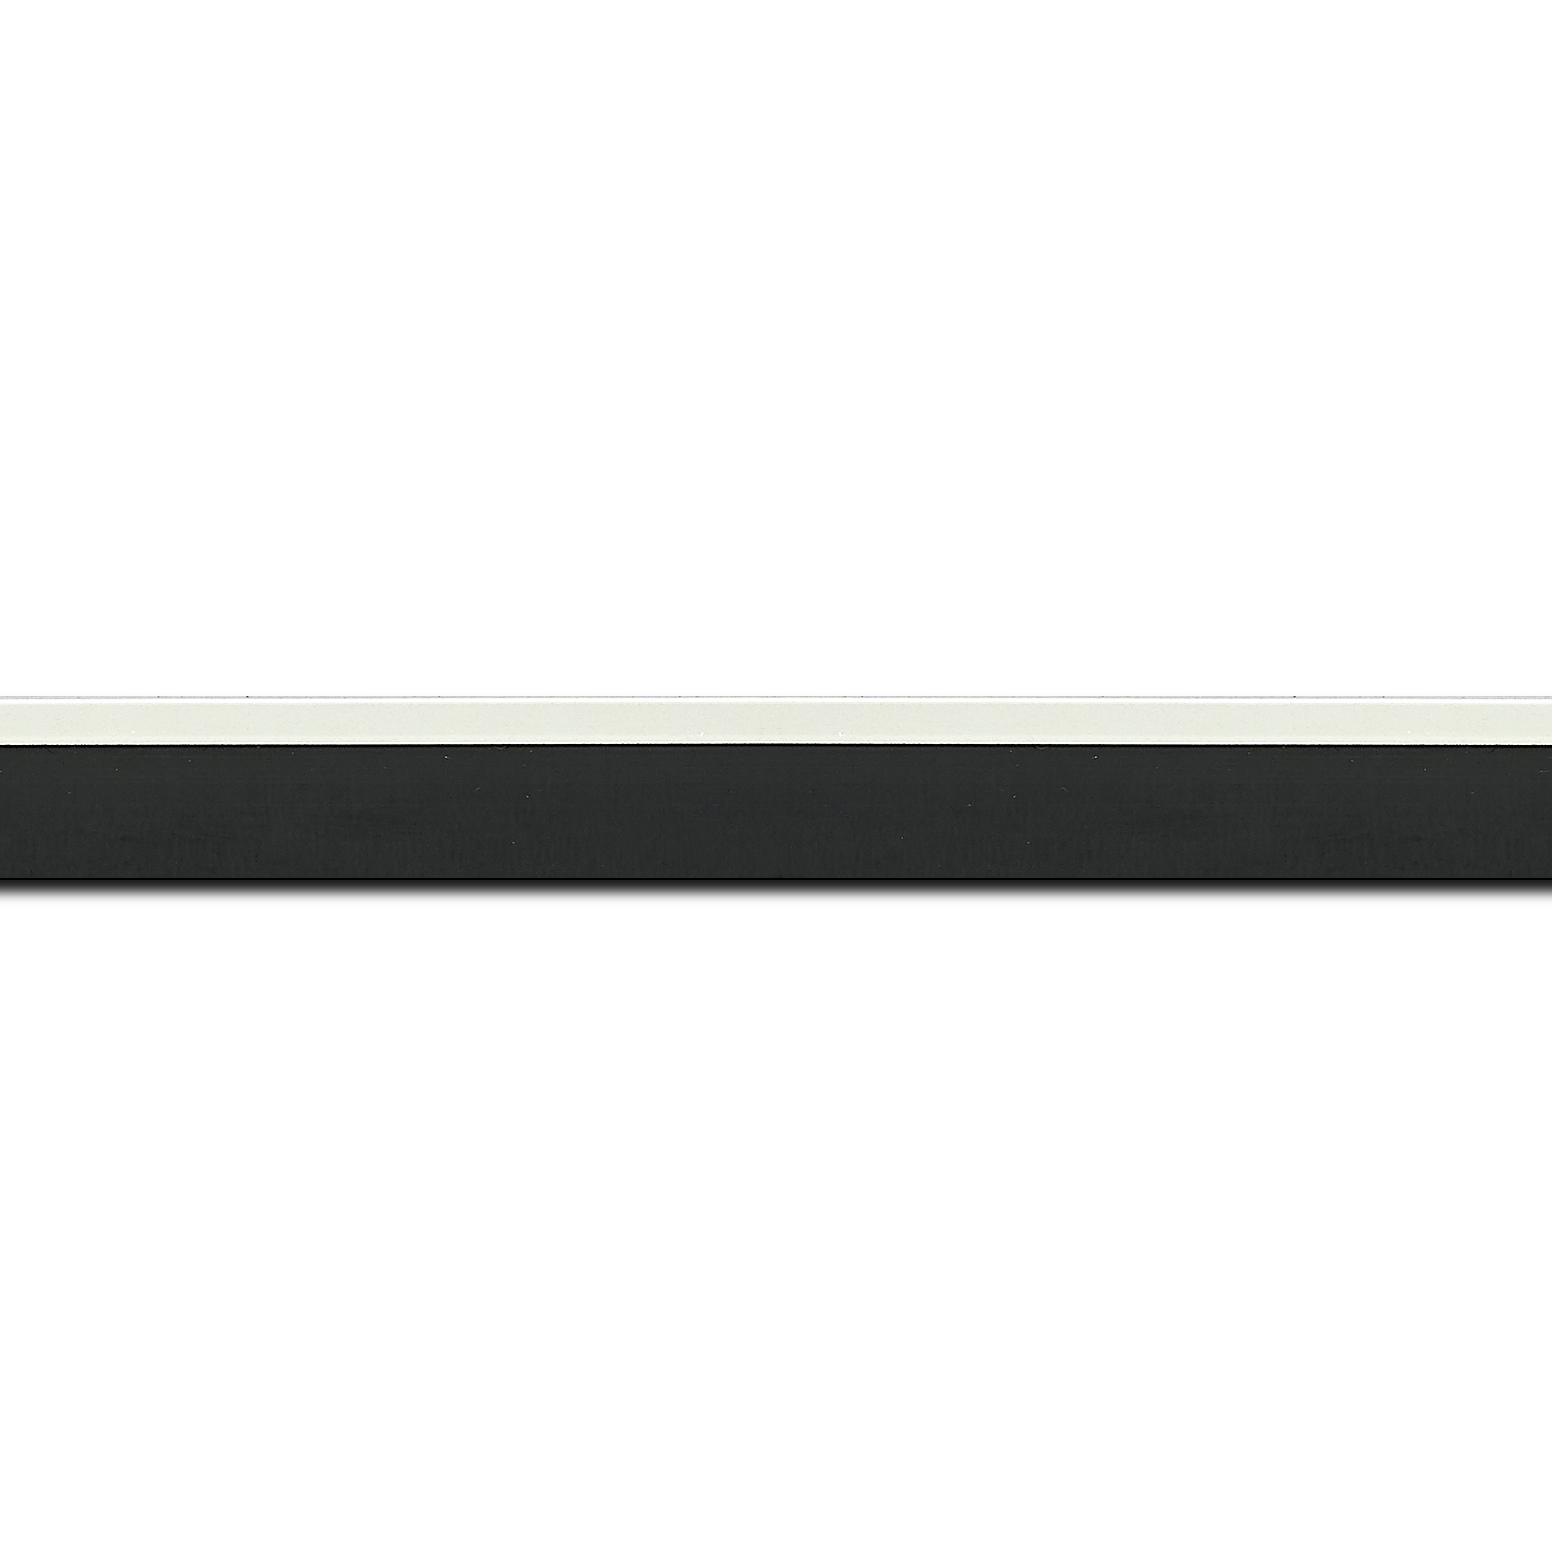 Baguette longueur 1.40m bois profil en pente plongeant largeur 2.2cm couleur noir laqué filet extérieur blanc laqué